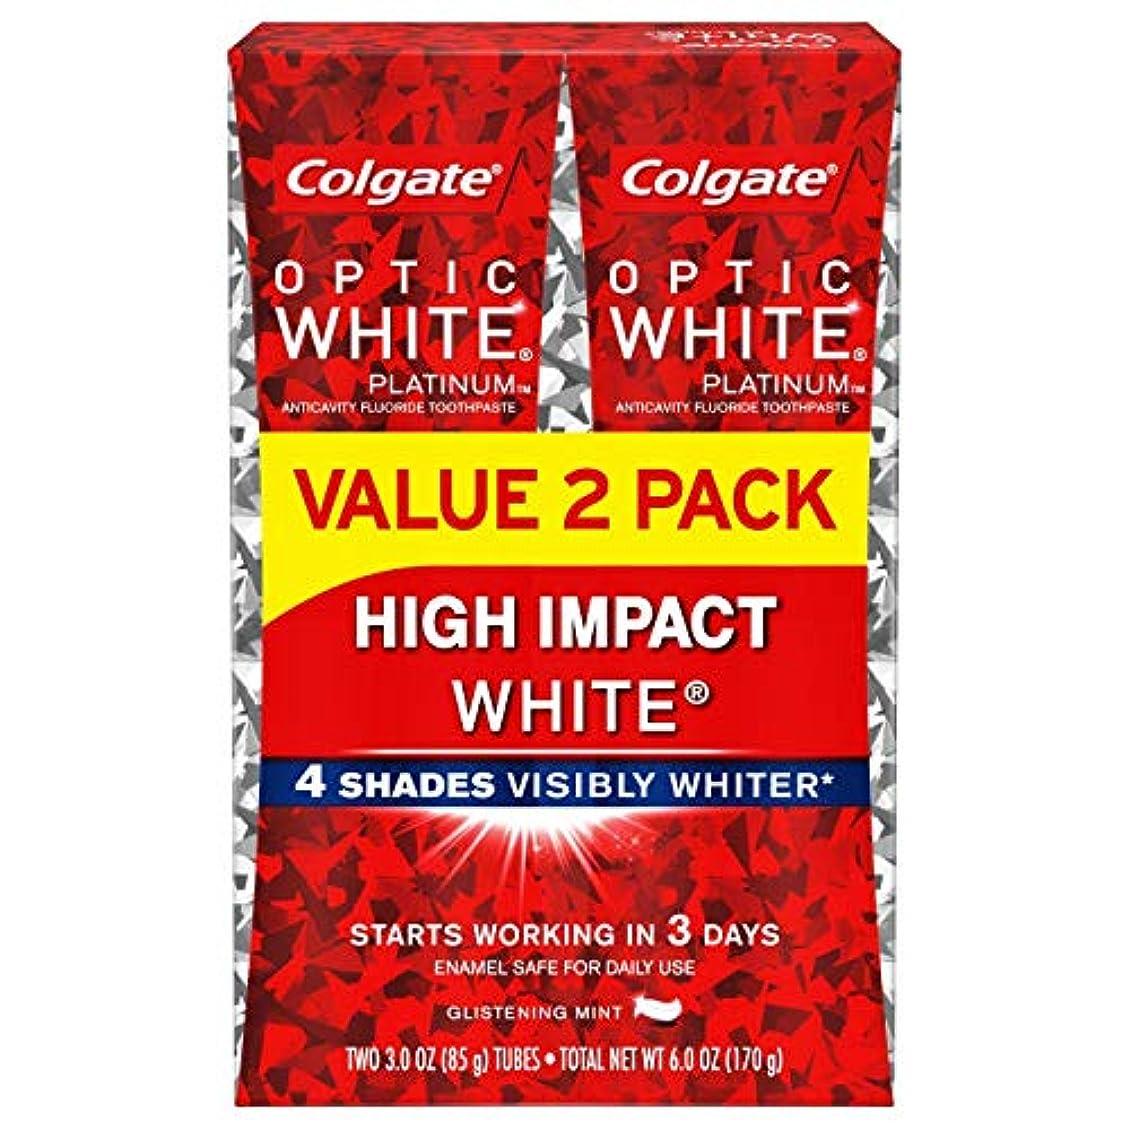 代理店同種の小数Colgate Optic White High Impact White 練り歯磨き [並行輸入品] (2個セット)